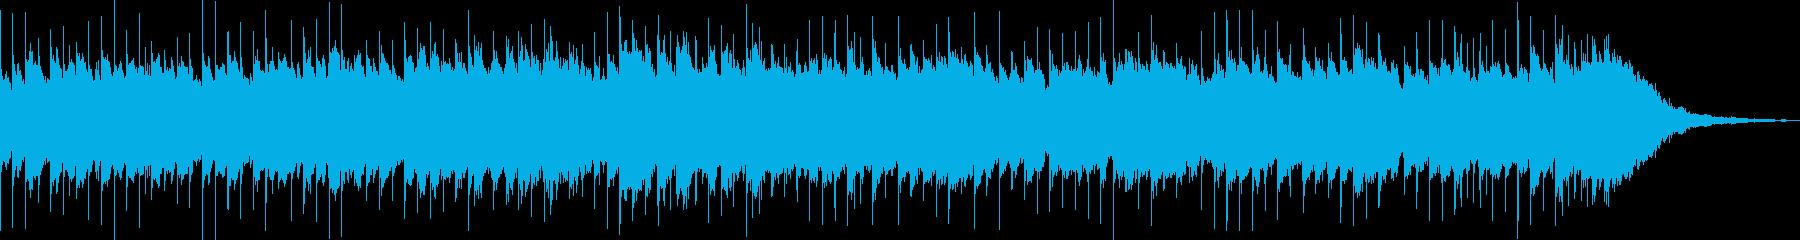 可愛くてシンプルなオルゴールの曲の再生済みの波形